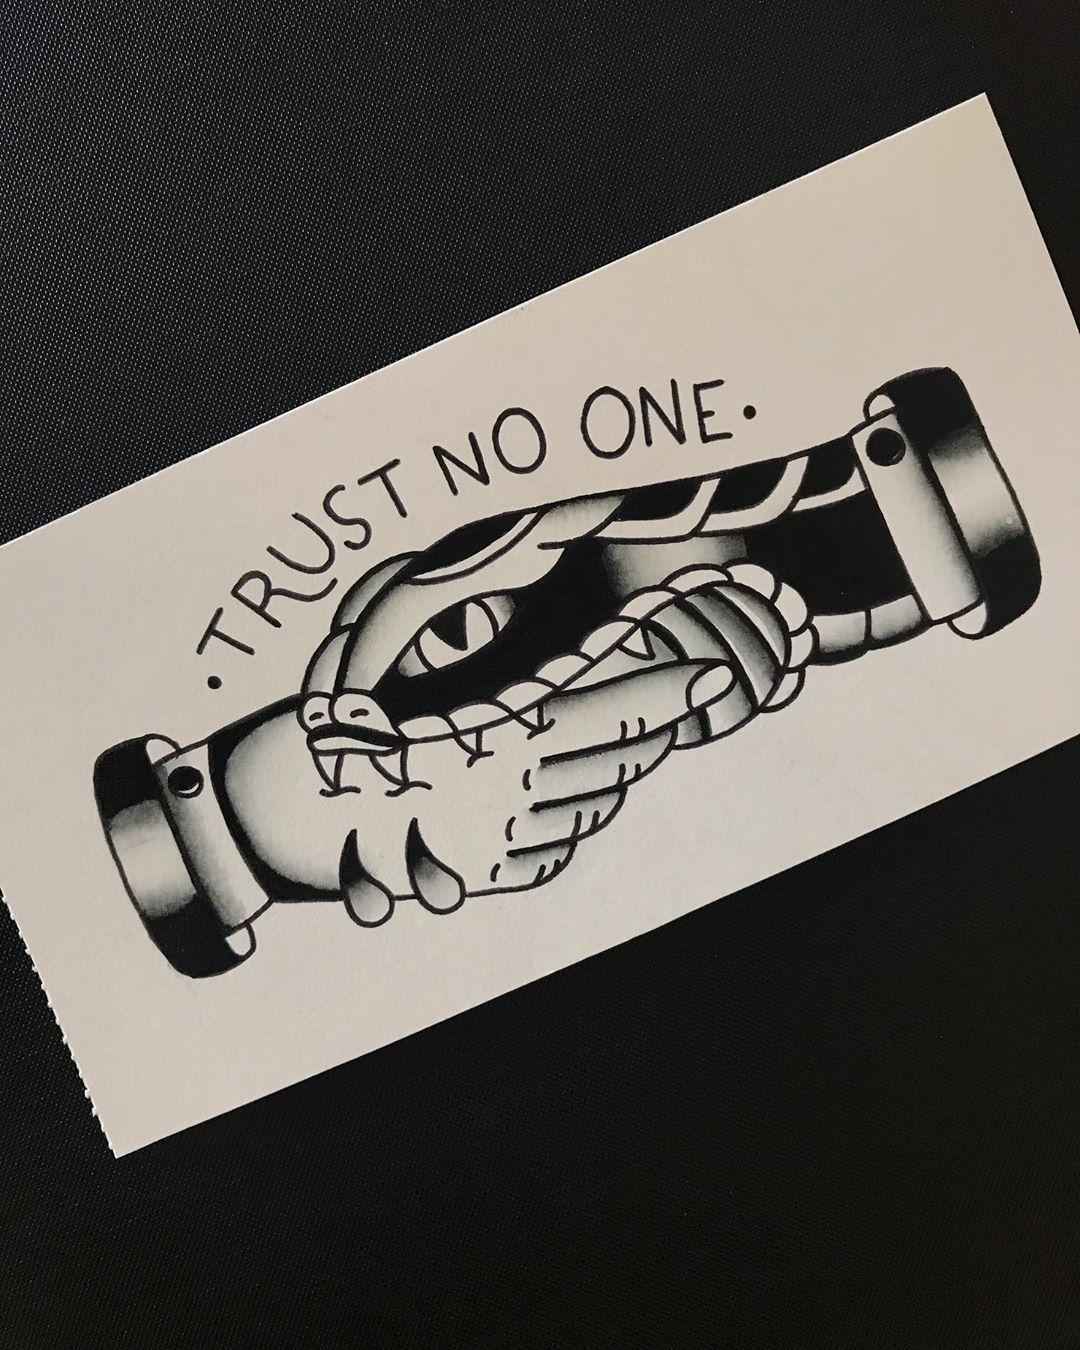 Disponible para tatuar 📩 . . . . . . #tattoo #tattoodesign #design ##traditionaltattoo #oldschooltattoo #flashtattoo #tattooideas #classictattoo #tattooink #ink #tradworkers #barcelonatattoo #barcelona #tattooaprentice #snaketattoo